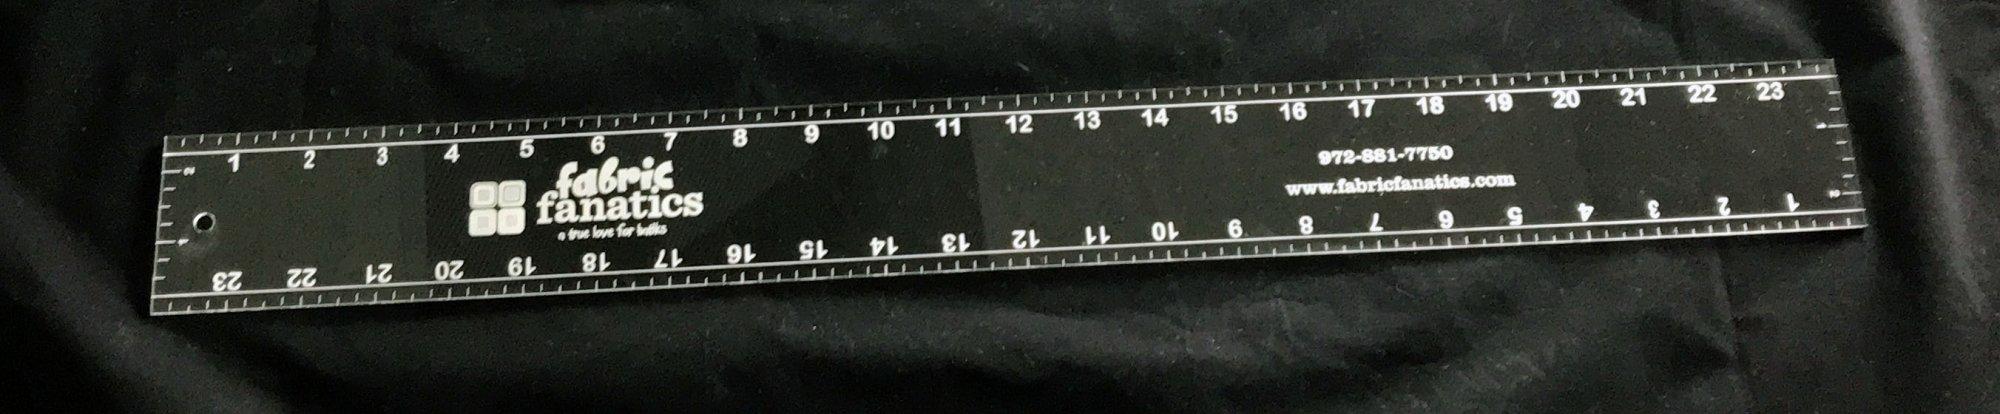 24 x 2.5 Ruler